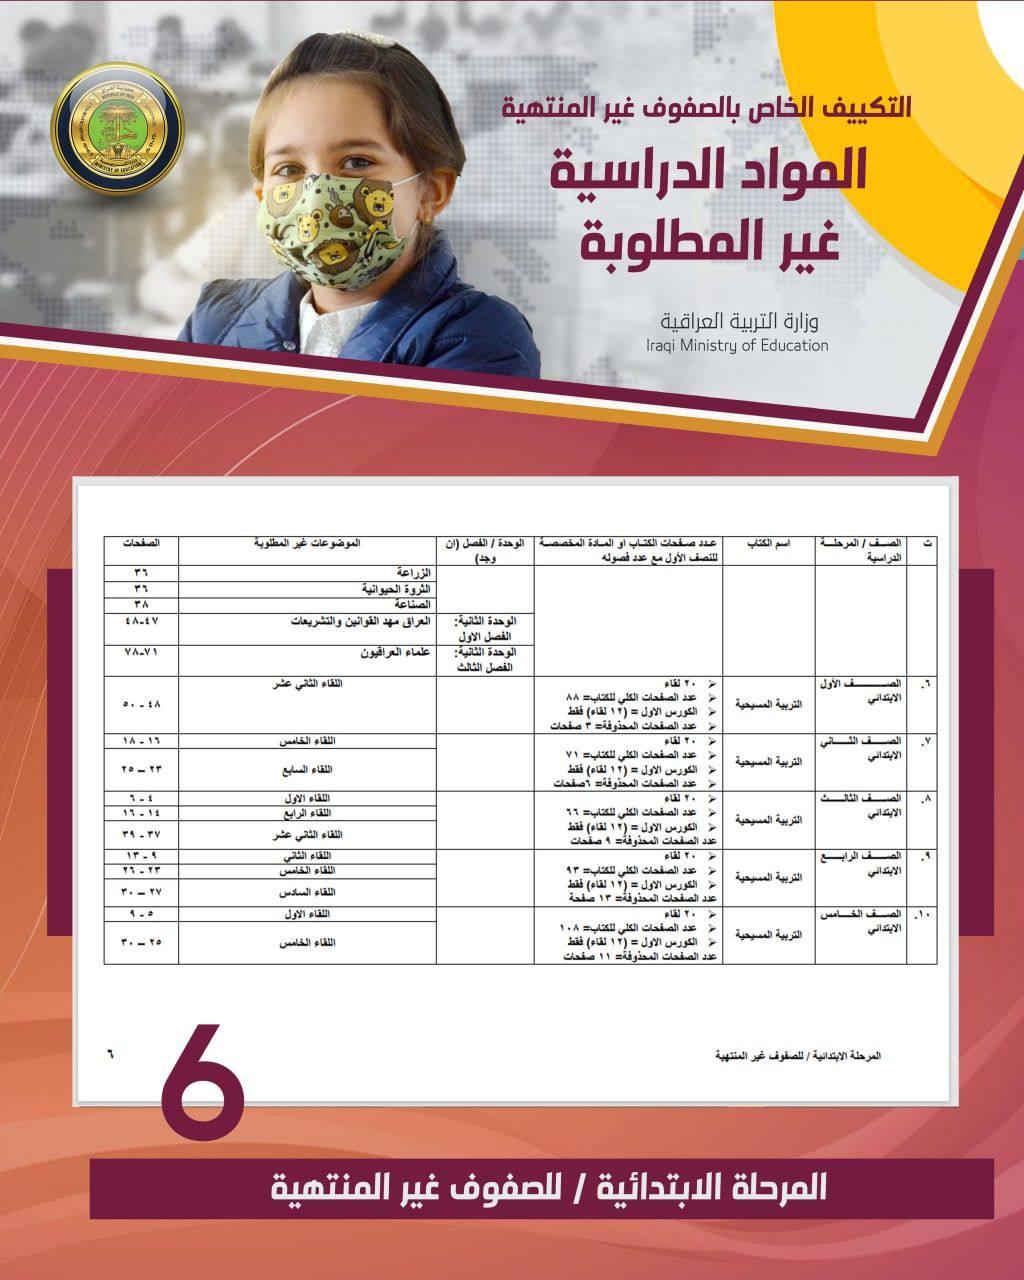 وزارة لتربية تنشر تكييف منهاج المراحل غير المنتهية / الدراسة الابتدائية